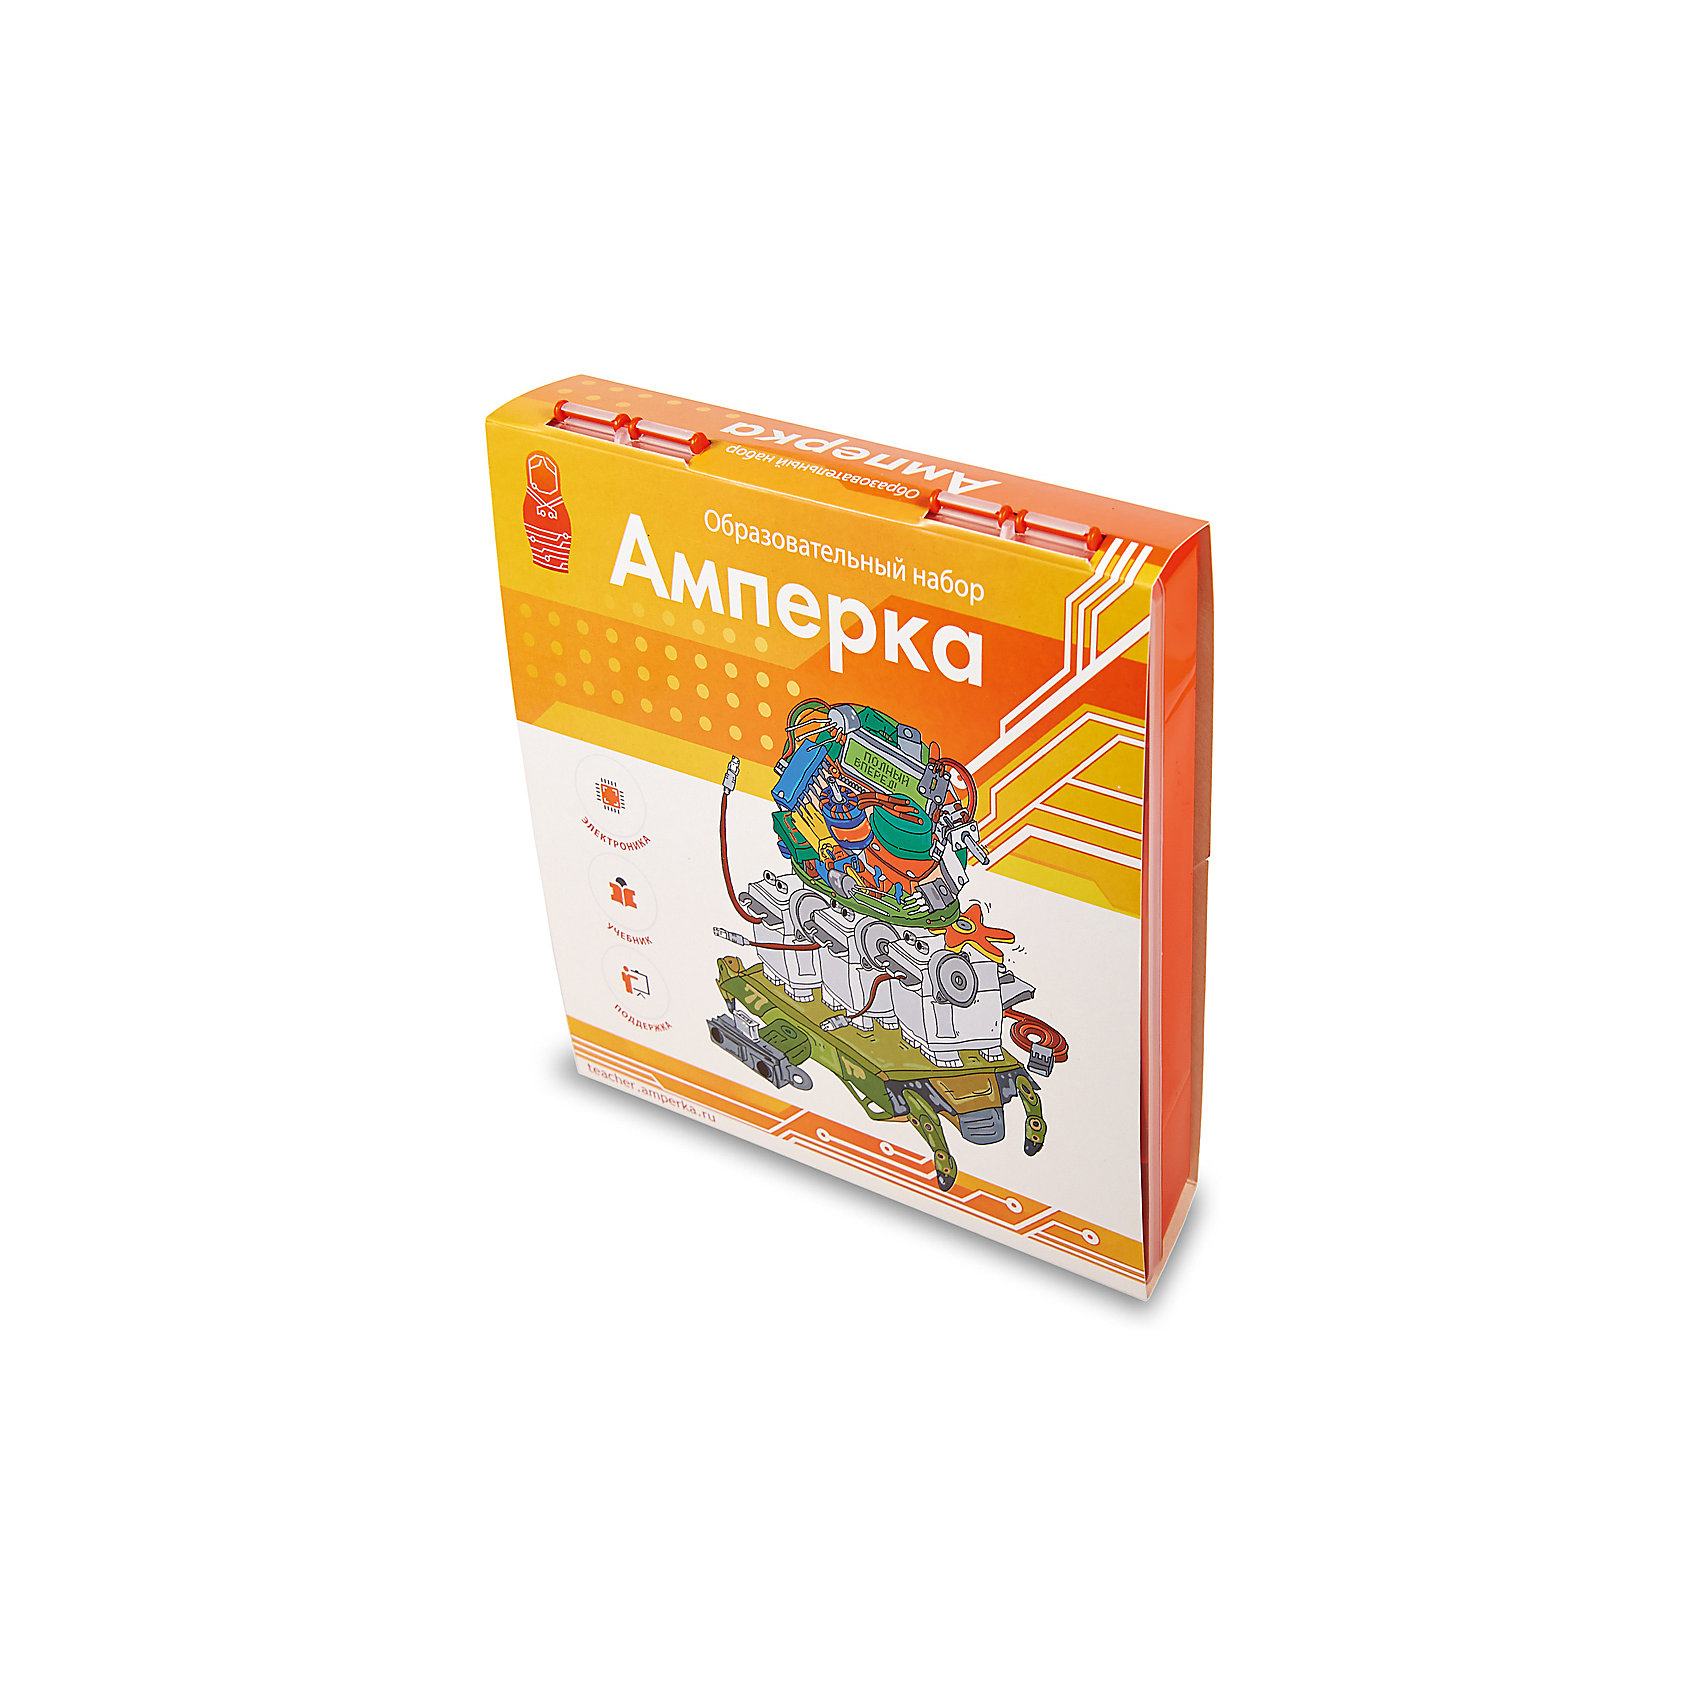 Образовательный набор АмперкаРобототехника<br>Образовательный набор Амперка.<br><br>Характеристики:<br><br>•Комплектация: плата Arduino Uno, датчик линии 2 шт, датчик наклона, фоторезисторы 2 шт, термисторы 2 шт, кнопка тактовая 4 шт, потенциометр 2 шт, макетная доска, соединительный провод 75 шт, USB-кабель, разъём для батарейки, двухколёсное шасси робота, сервопривод, текстовый ЖК-экран, 7-сегментный индикатор 2 шт, светодиод красный 12 шт, светодиод жёлтый, зеленый по 4 шт, трёхцветный светодиод 2 шт, пьезоизлучатель звука 2 шт, резисторы 120 шт, биполярный транзистор 10 шт, транзистор MOSFET 4 шт, микросхема CD4026 2 шт, выпрямительный диод 5 шт, мультиметр, драйвер моторов Motor Shield, расширитель портов Troyka Shield, учебник «Основы программирования микроконтроллеров»<br><br>Образовательный набор «Амперка» представляет собой готовый учебный курс, который будет интересен начинающим инженерам от 12 лет. По окончании курса юный технарь: получит навыки сборки электрических схем; научится создавать собственные цифровые устройства и соберёт робота; на практике применит знания о законах электричества; освоит прикладное программирование на C++. <br><br>Учебник, входящий в набор, включает 17 параграфов, которые поэтапно разъясняют, как строятся электронные устройства. Первые параграфы посвящены понятию микроконтроллера, азам программирования, освежению в памяти основных законов электричества. Далее рассматриваются важные аспекты создания собственных электронных устройств. Компоненты, входящие в состав набора — это тщательно подобранные элементы мини-лаборатории. В пластиковой коробке имеется всё необходимое: от базовых электронных компонентов вроде резисторов, светодиодов и транзисторов до моторов, сенсоров, LCD-экрана и мобильной платформы для построения роботов. <br><br>А еще в наборы входят макетные доски (breadboard) и макетные провода. Они позволяют собирать любые электрические цепи без всякой пайки. Компоненты просто вставляются в отверстия с защёлками и соедин